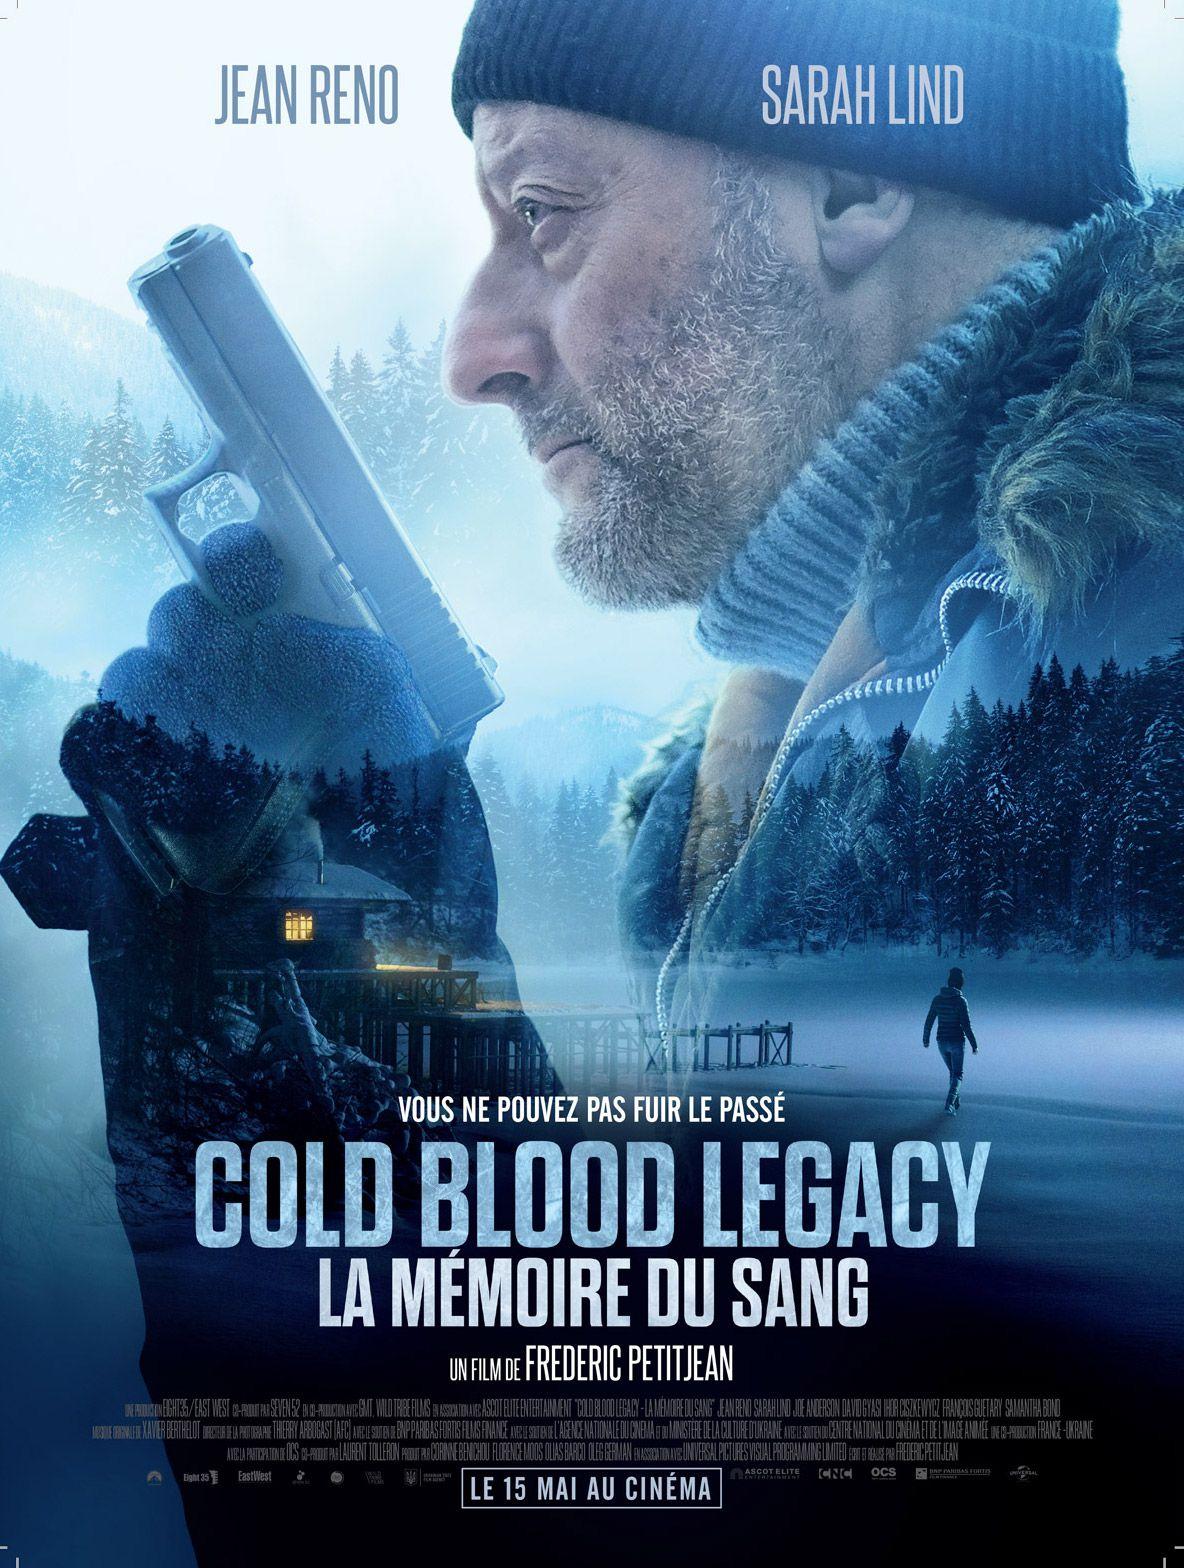 Cold Blood Legacy - La mémoire du sang - Film (2019)